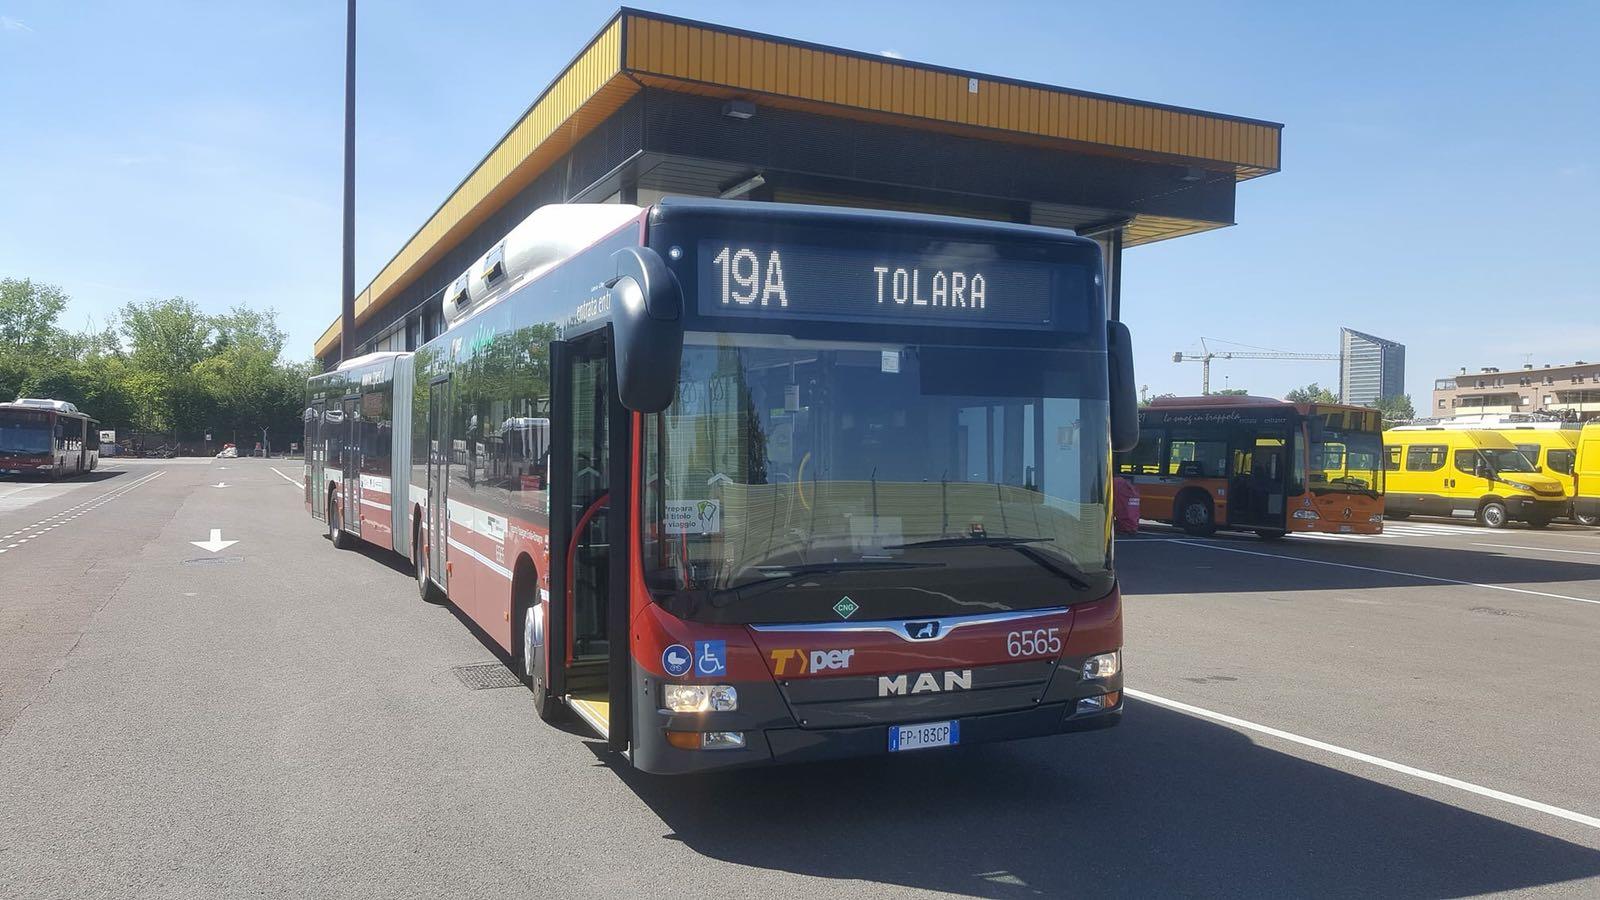 Ufficio Verde Pubblico Comune Di Bologna : Autobus 19: nuova corsa notturna da e per bologna comune di ozzano